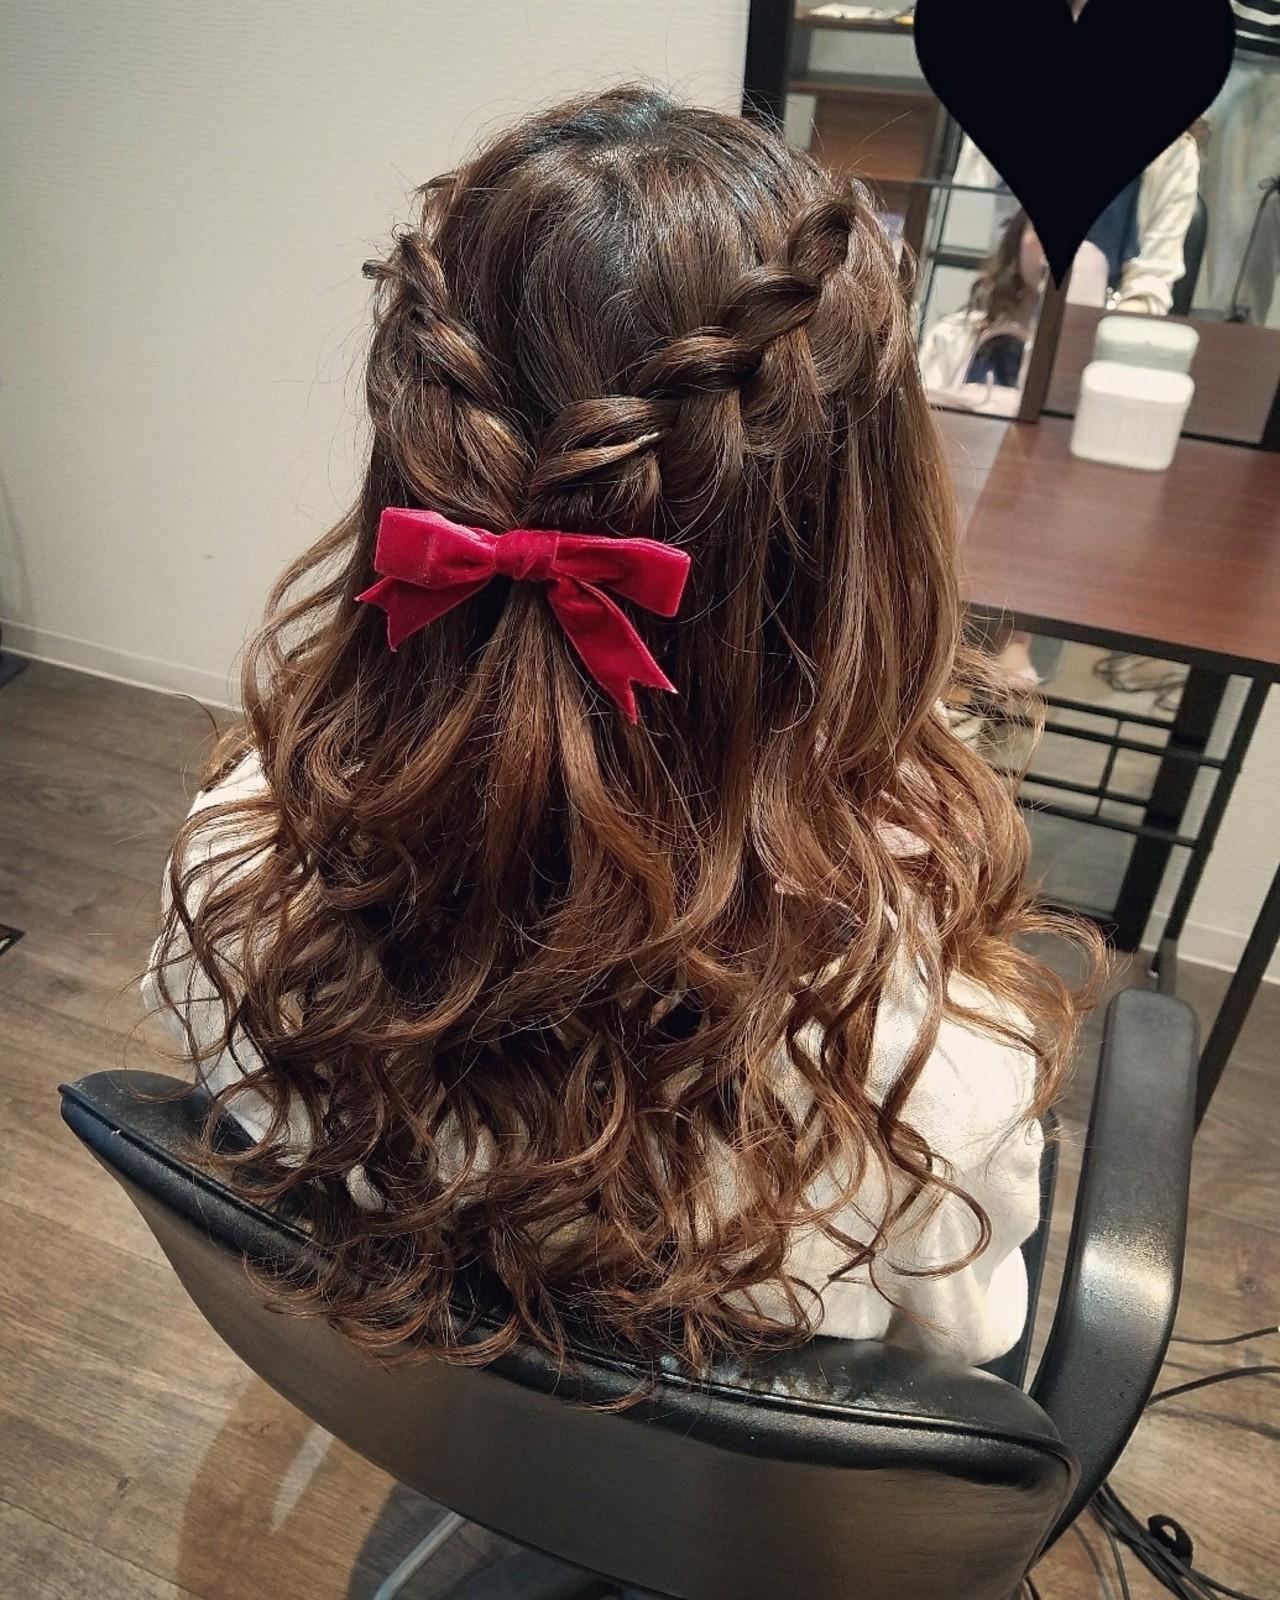 編み込み ヘアアレンジ ガーリー ハーフアップ ヘアスタイルや髪型の写真・画像 | mai / HAIR SALON STELLA